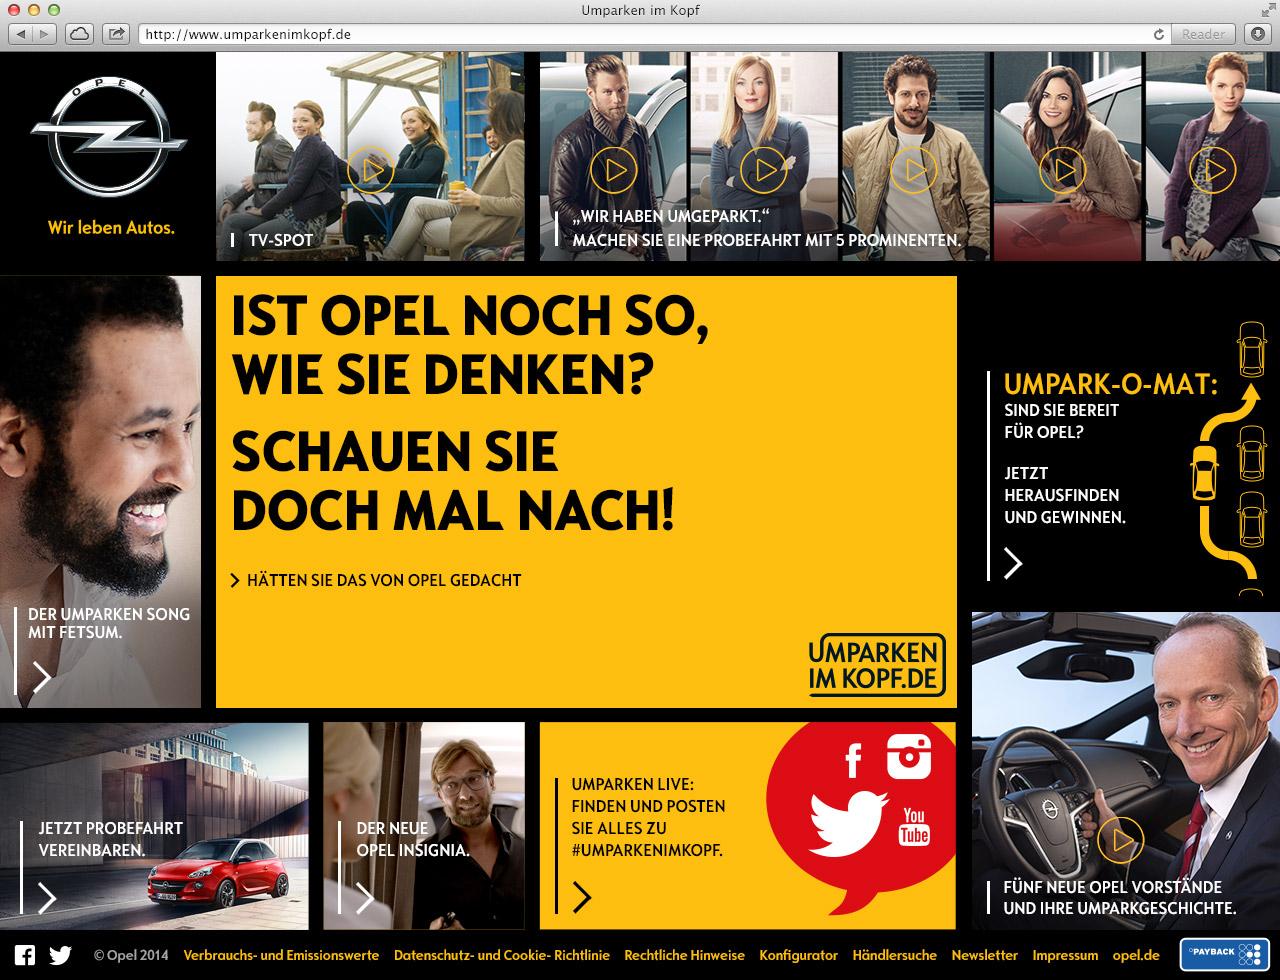 umparkenimkopf-webseite